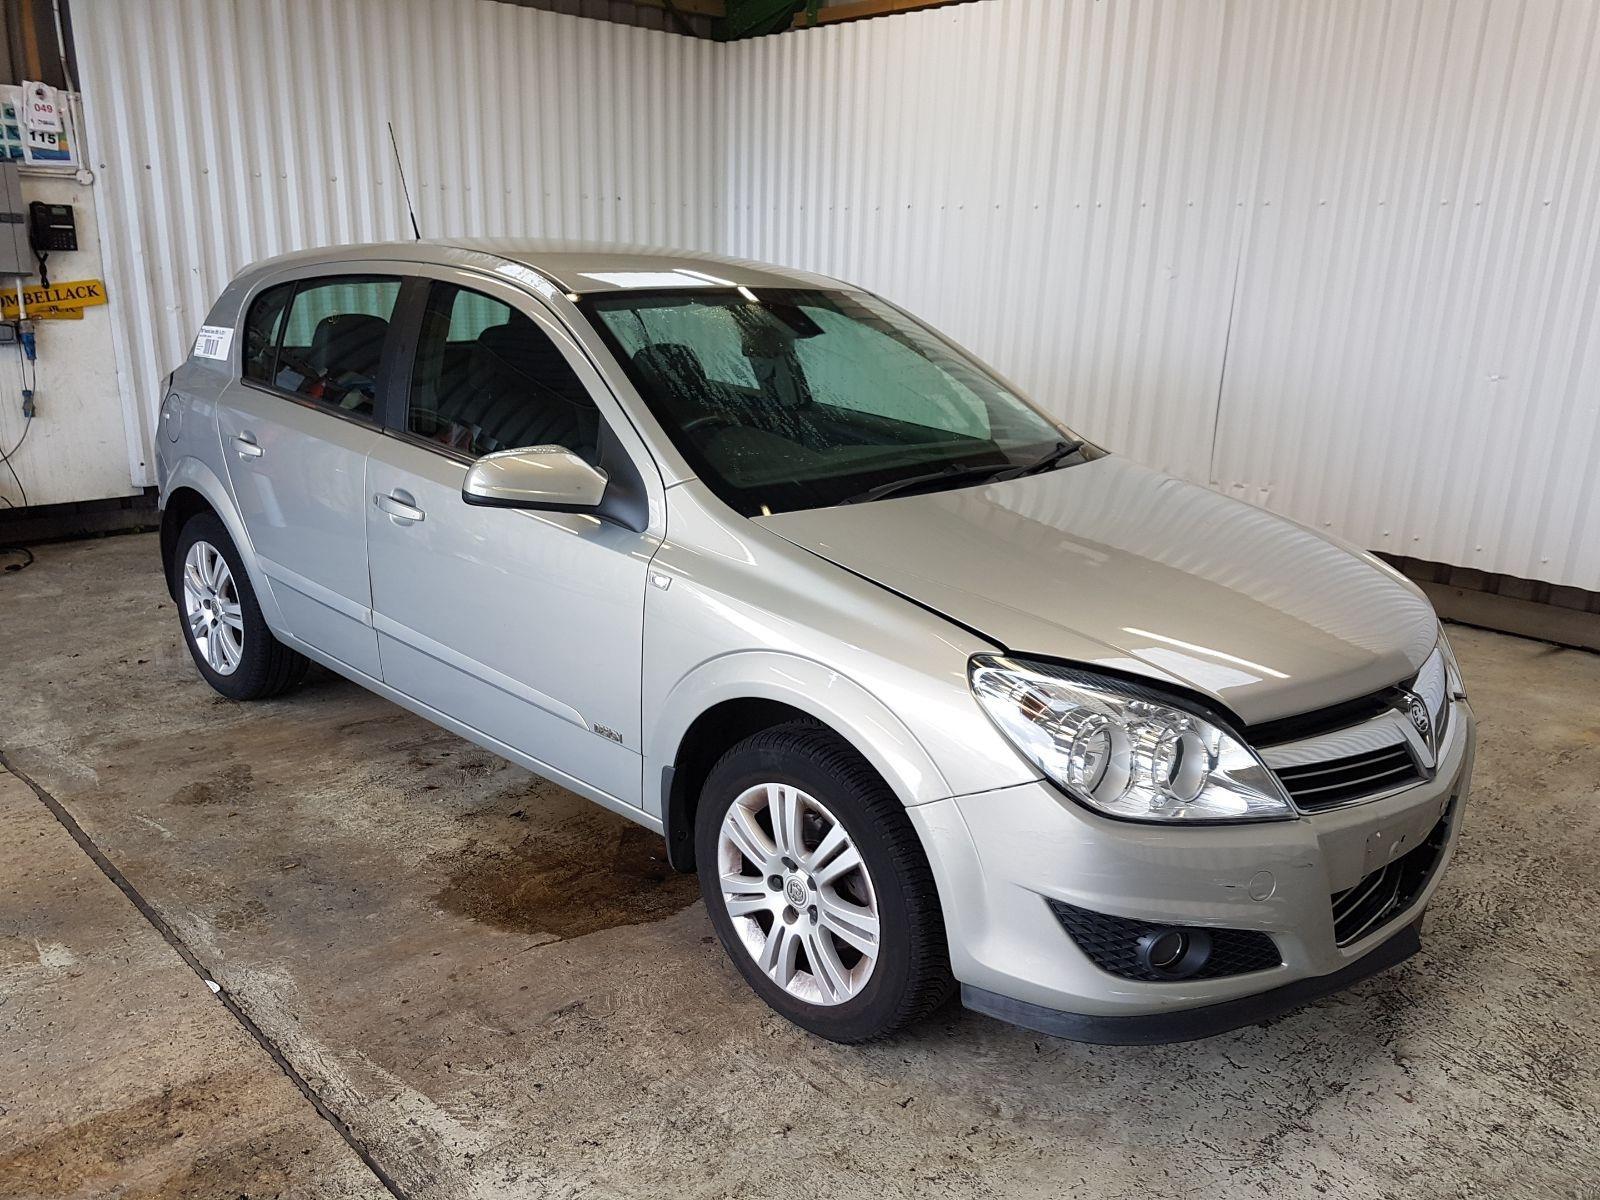 Vauxhall Astra 2005 To 2011 Design 5 Door Hatchback